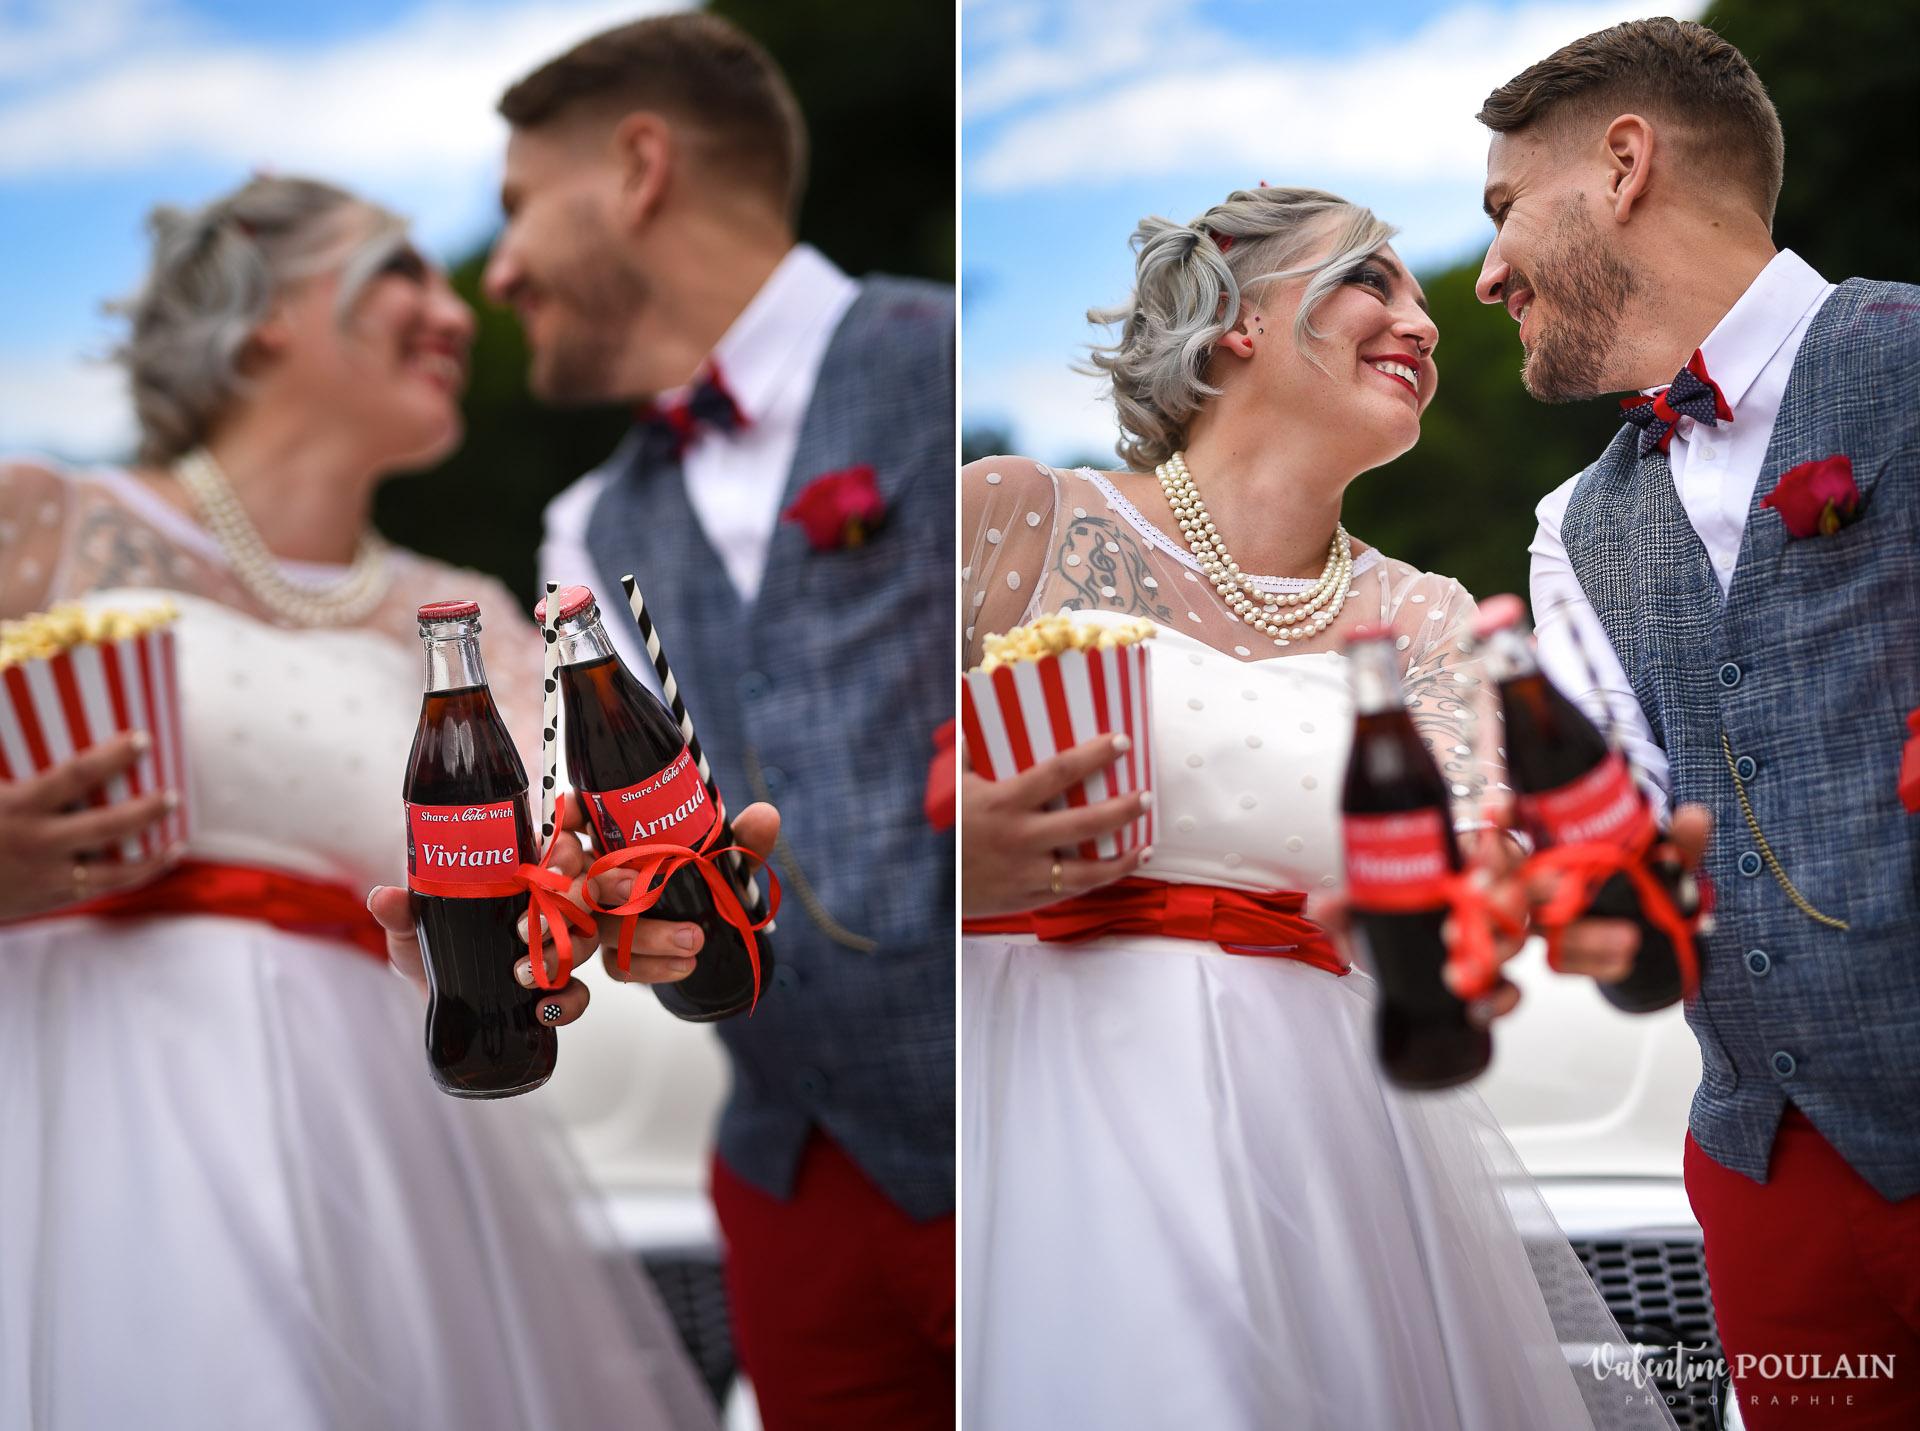 Mariage vintage rockabilly - Valentine Poulain soirée coca cola